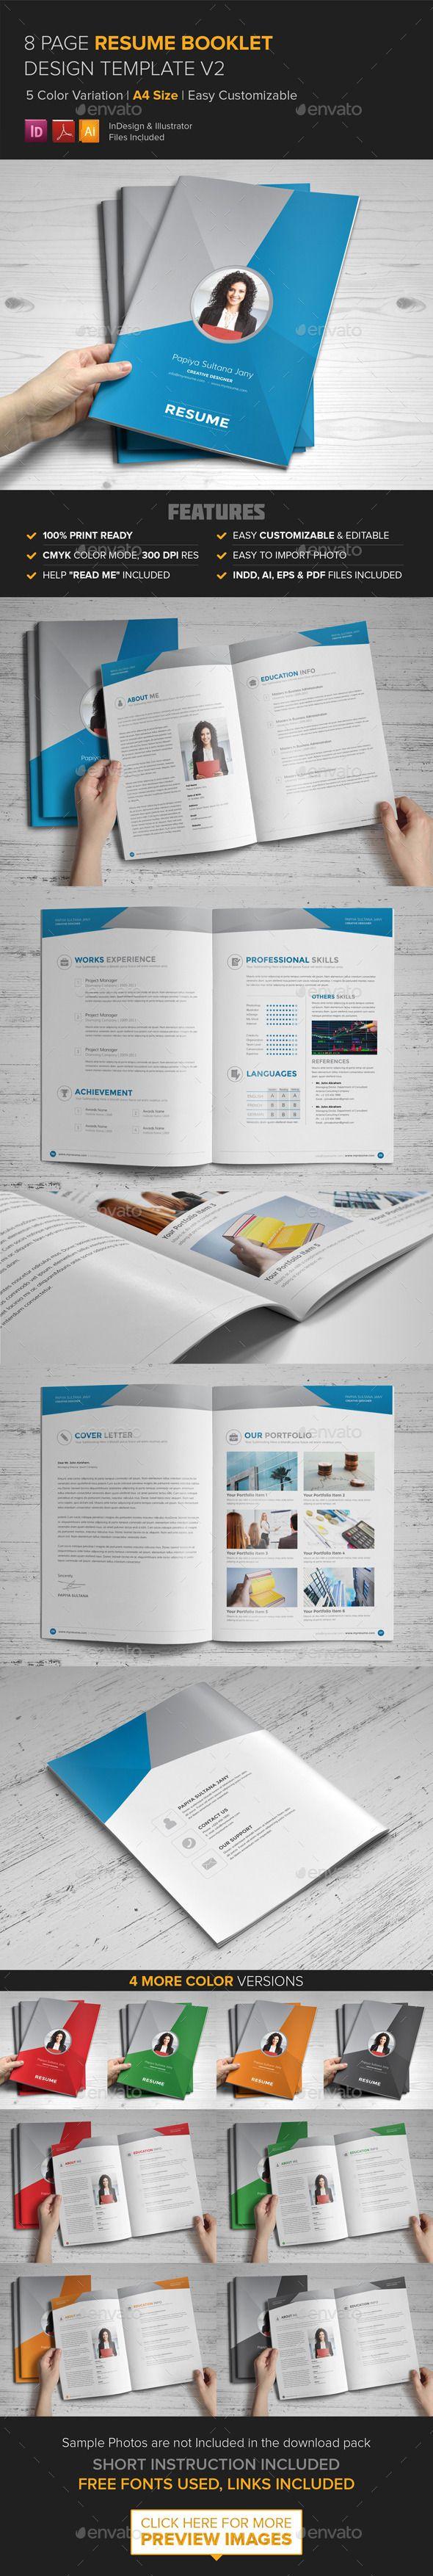 resume booklet design  indesign  v2